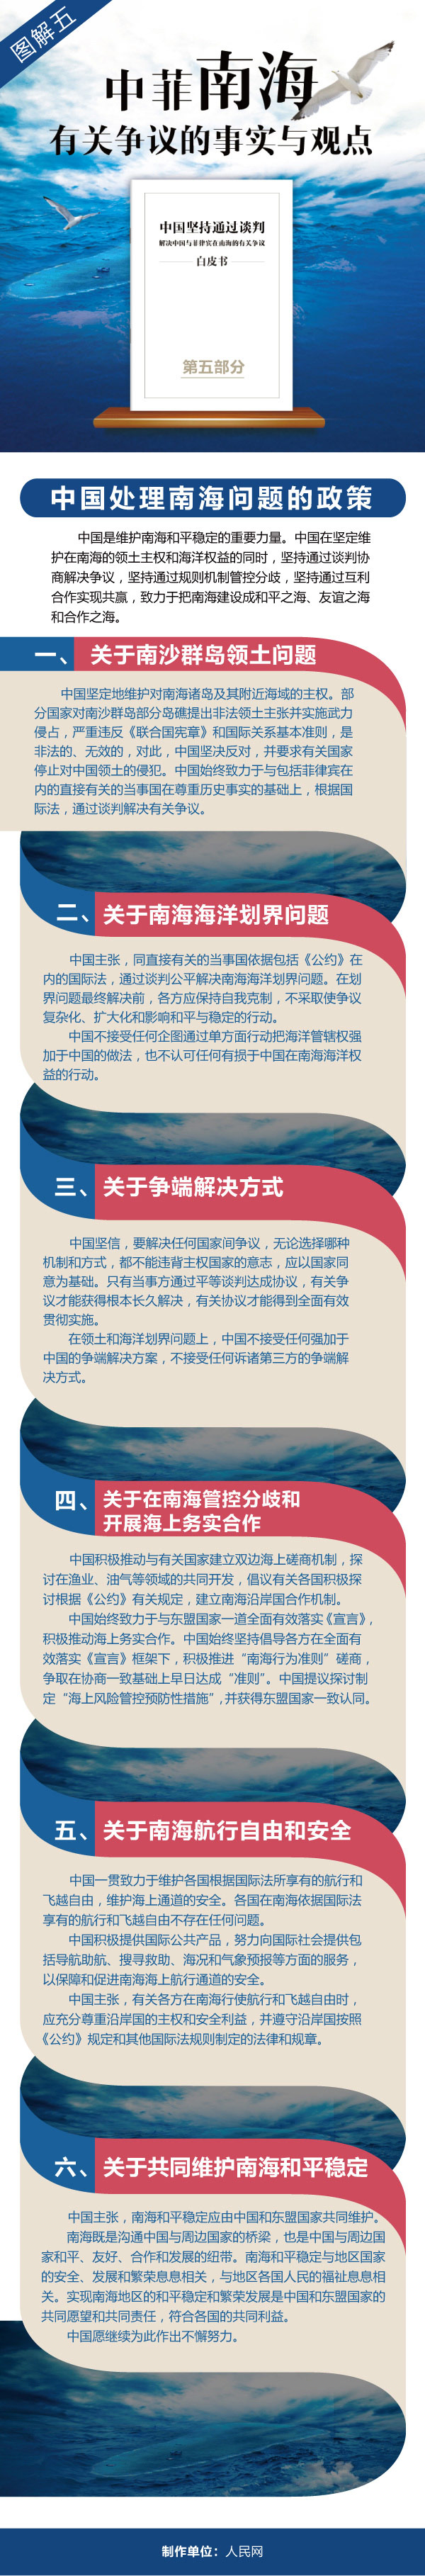 图解:中国处理南海问题的政策 - 曹教授 - 曹教授的博客